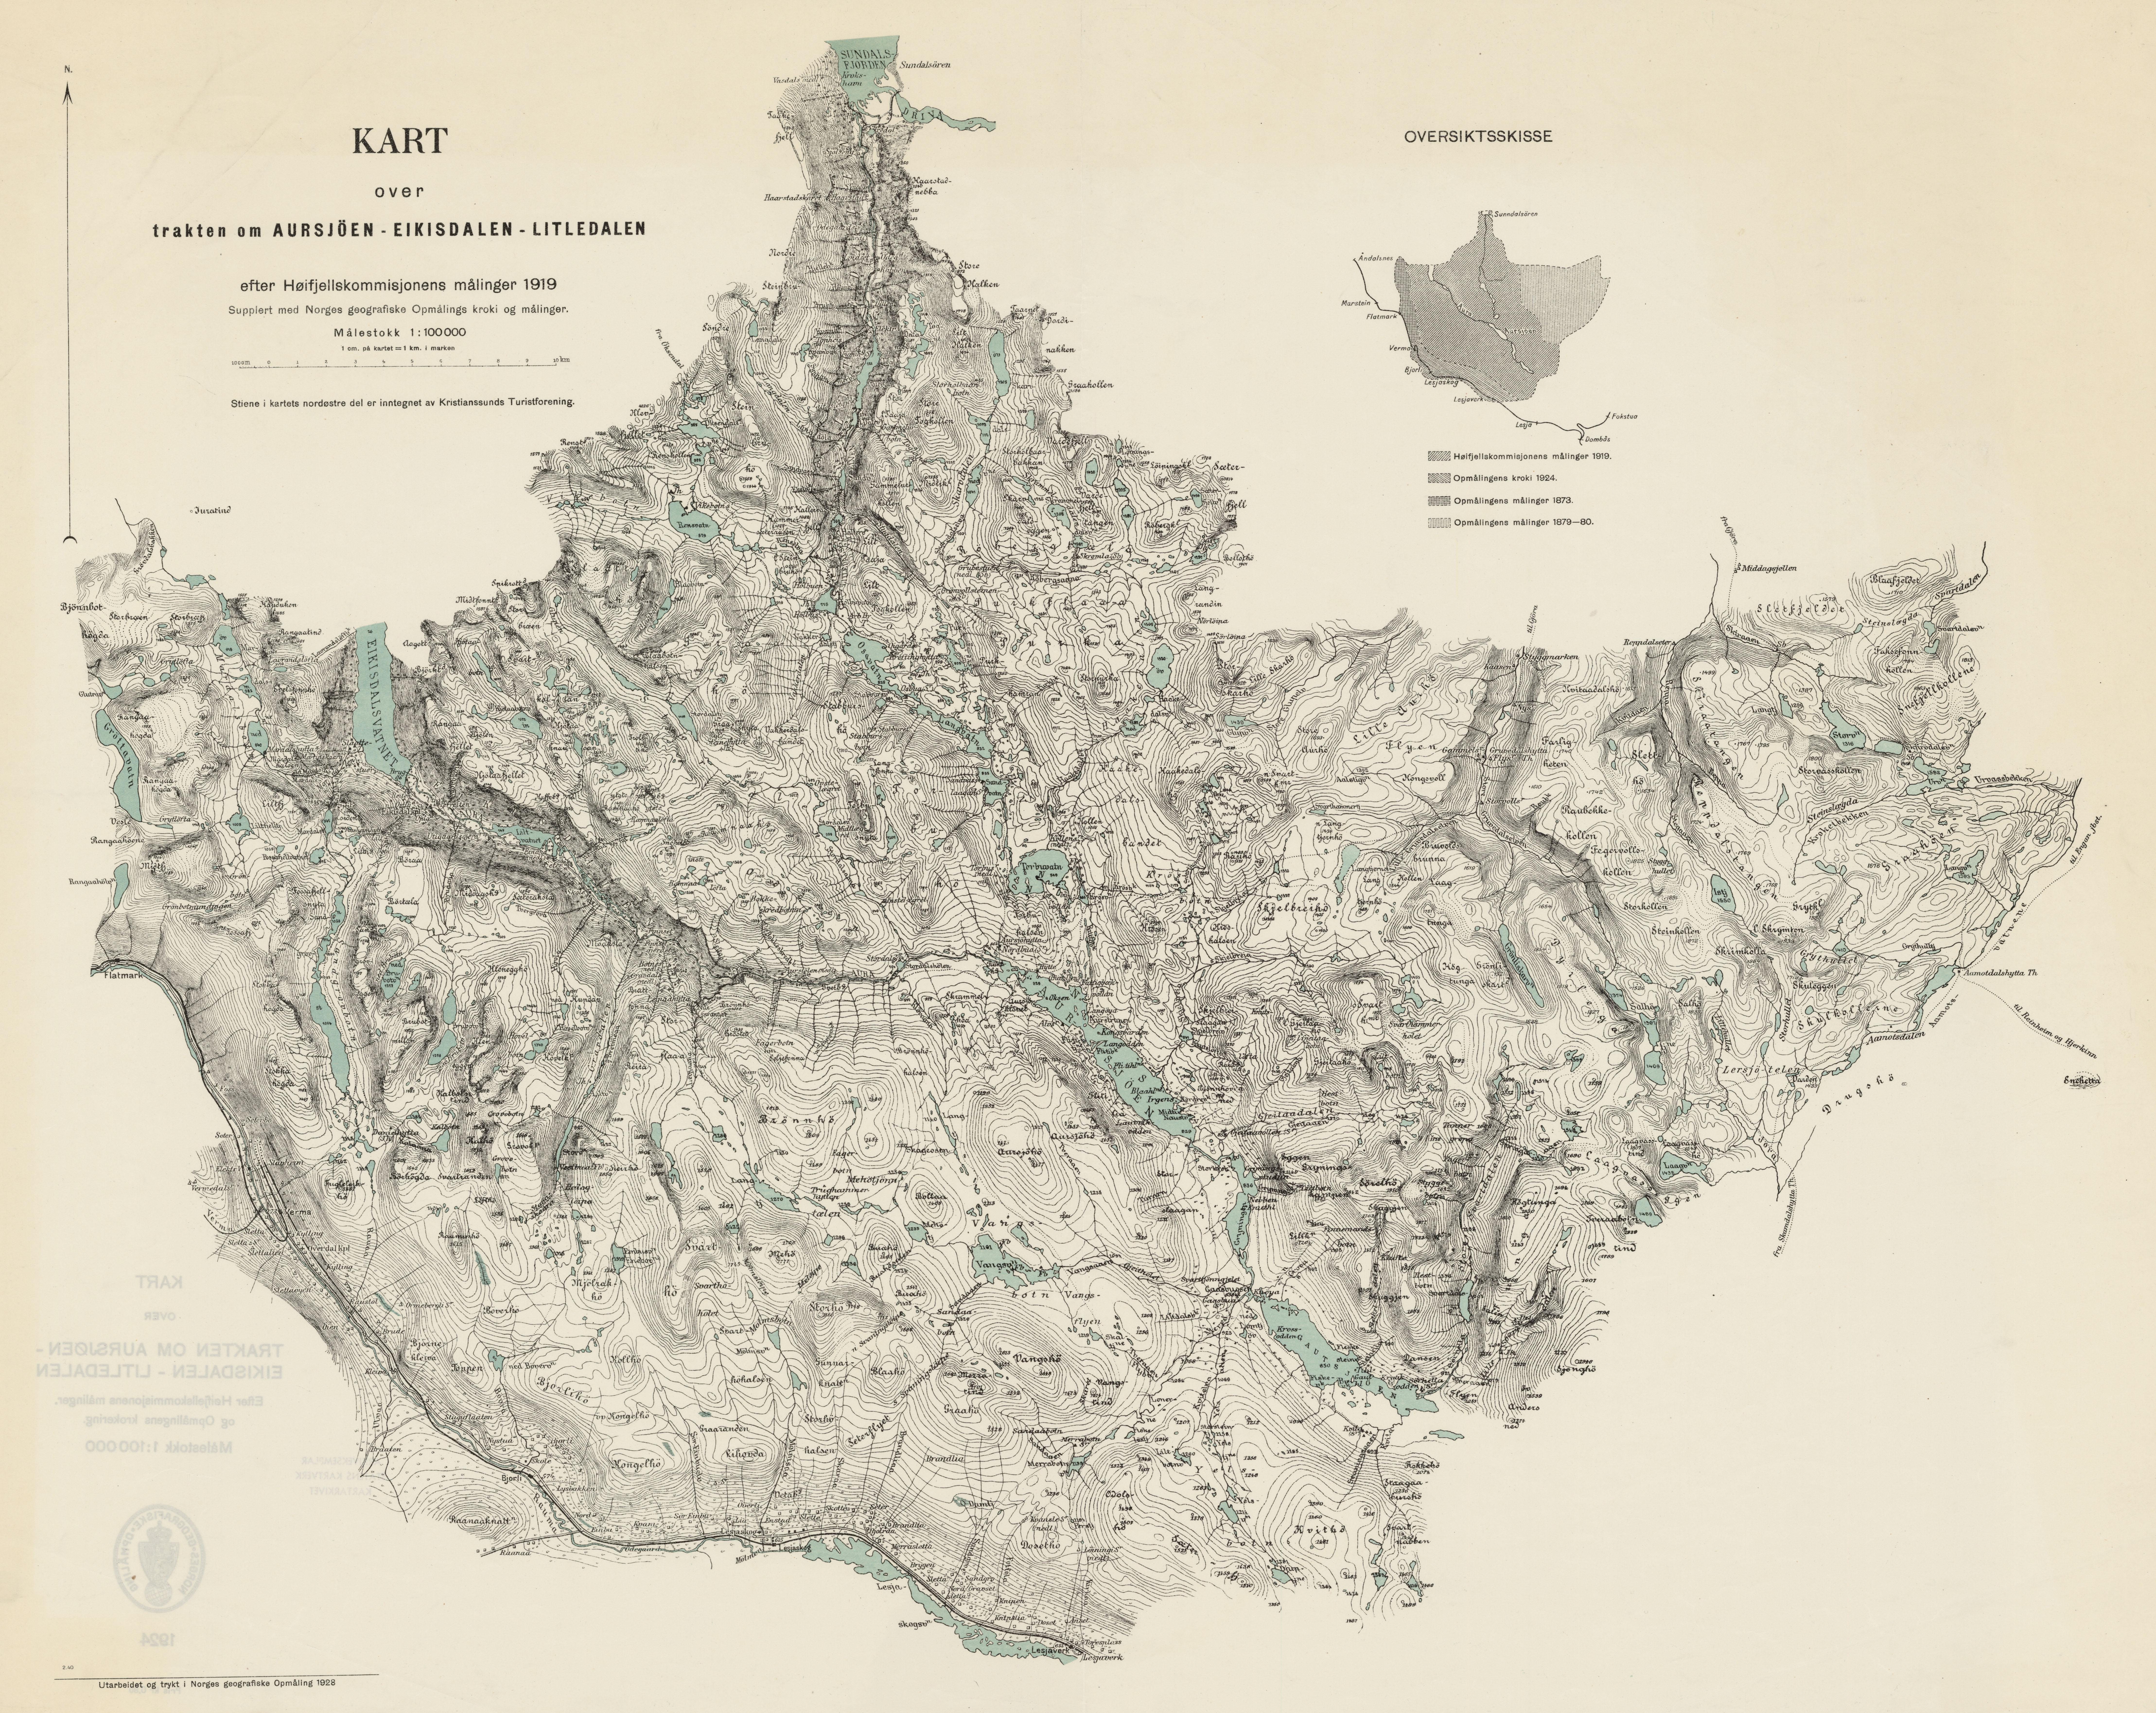 aursjøen kart File:Kart over trakten om Aursjöen   Eikisdalen   Litledalen  aursjøen kart